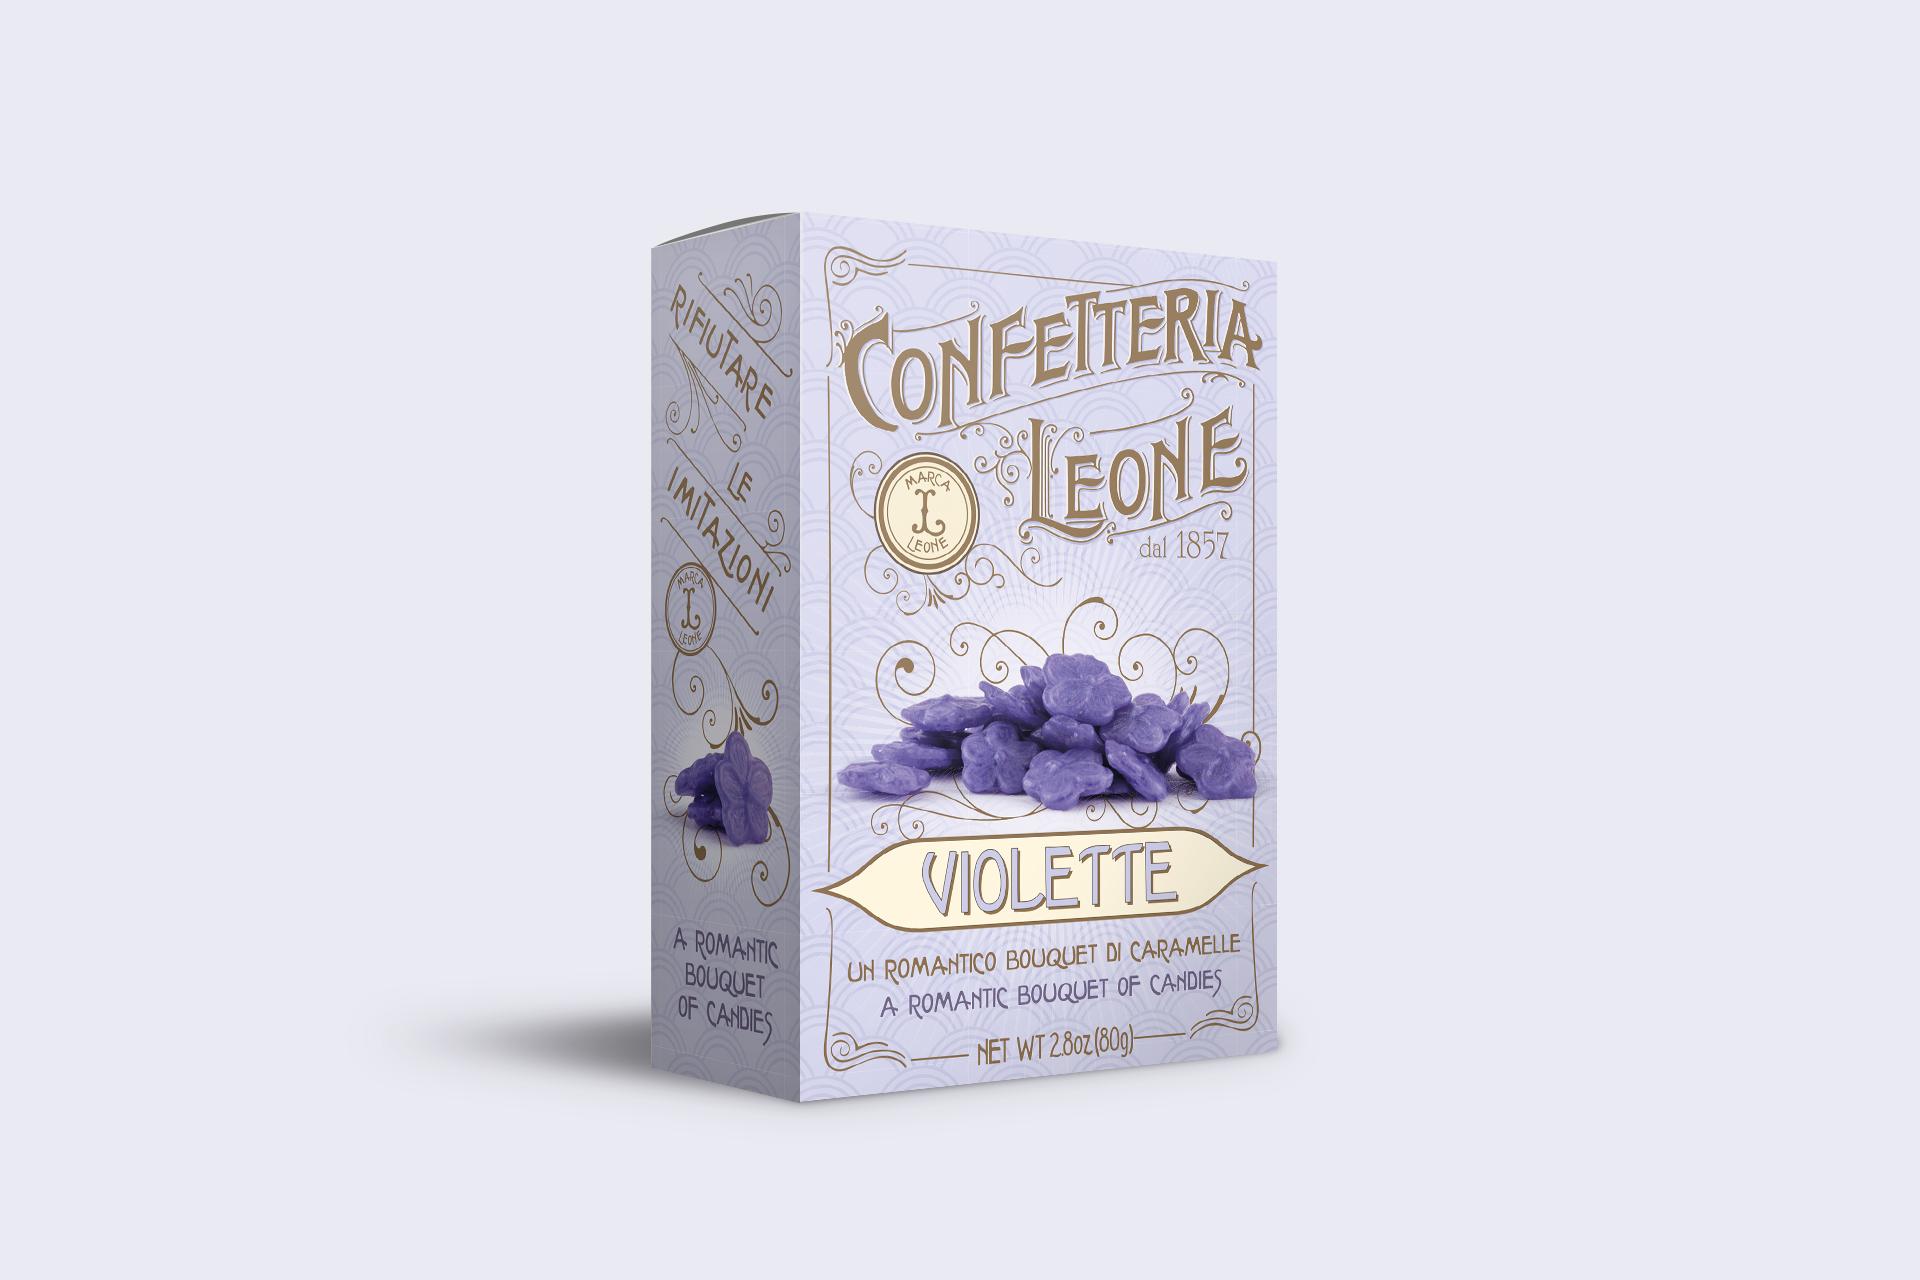 Confetteria Leone - gusto violetta